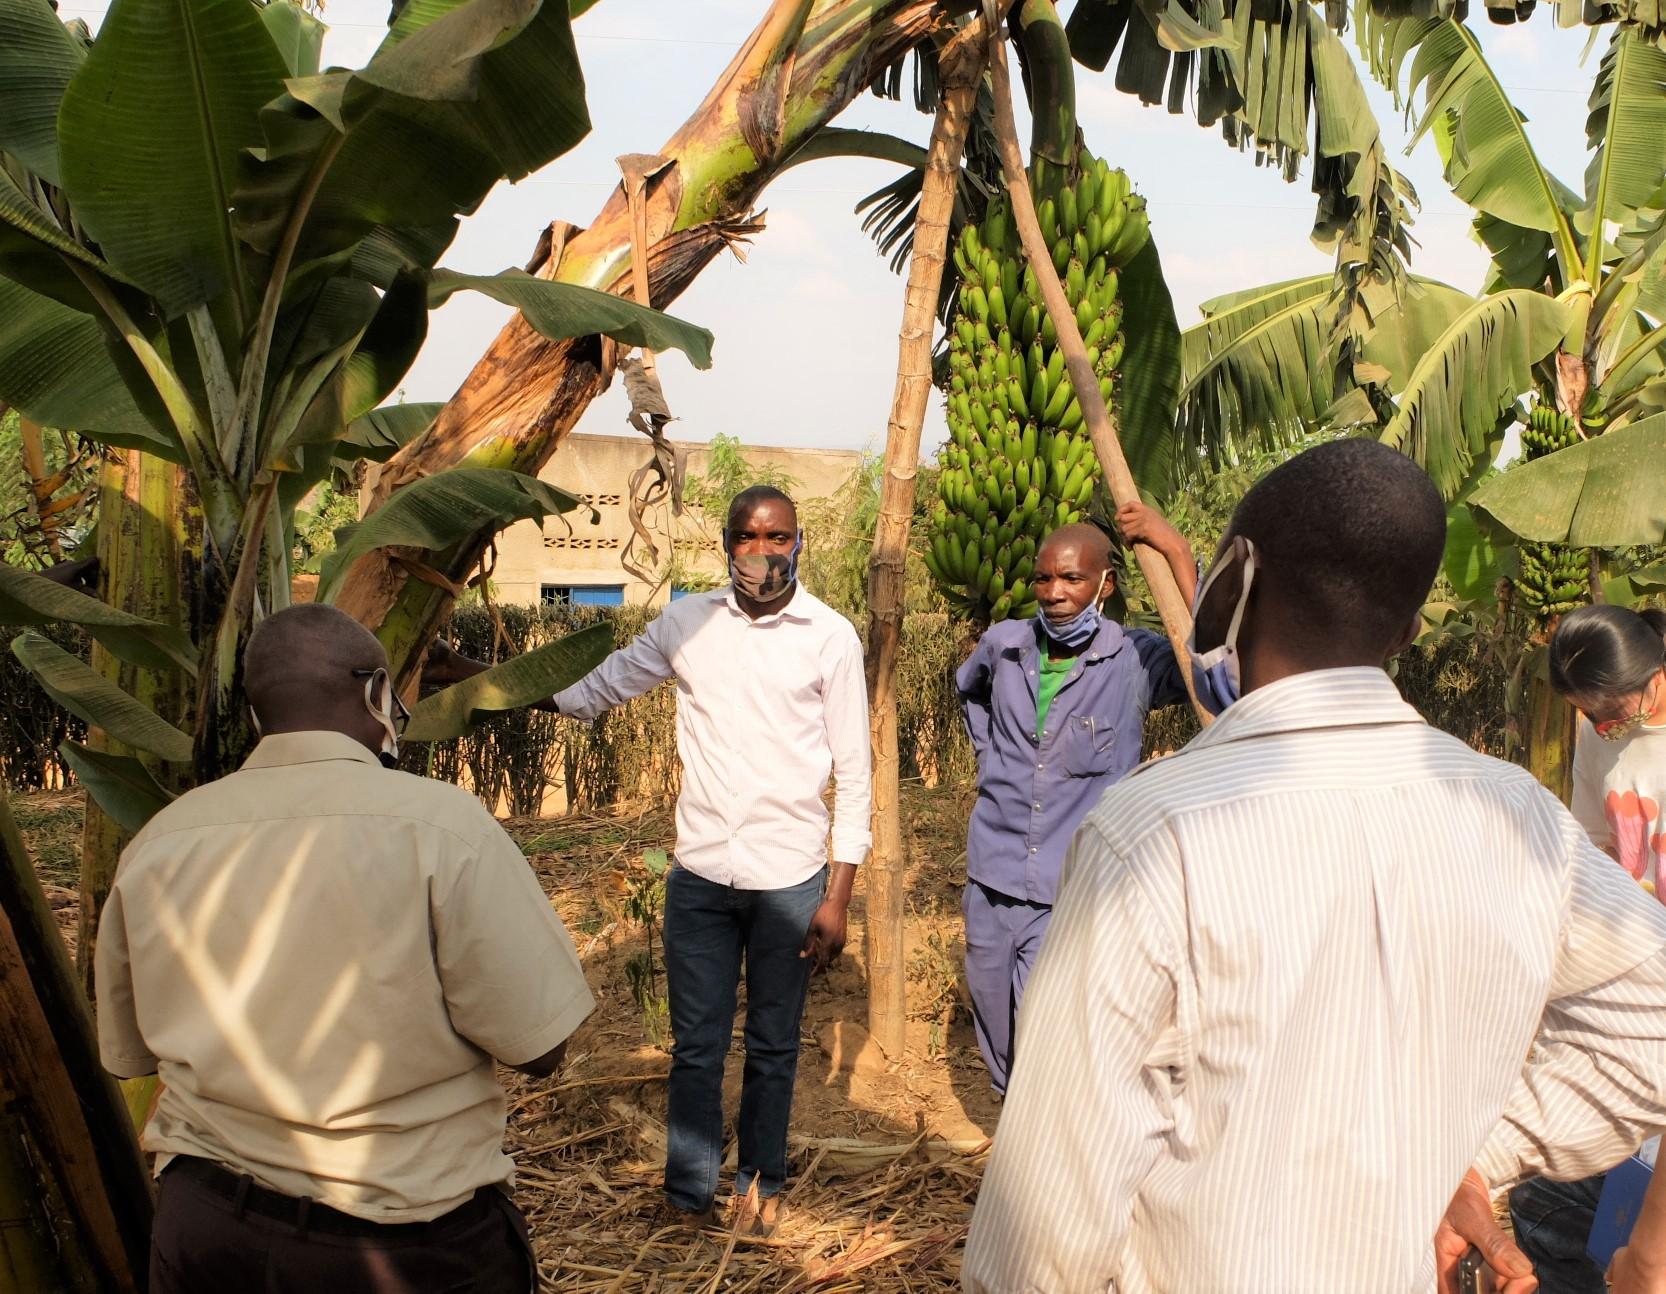 キレへの養豚組合の方々を連れて環境保全型農業に取り組む農家を訪問